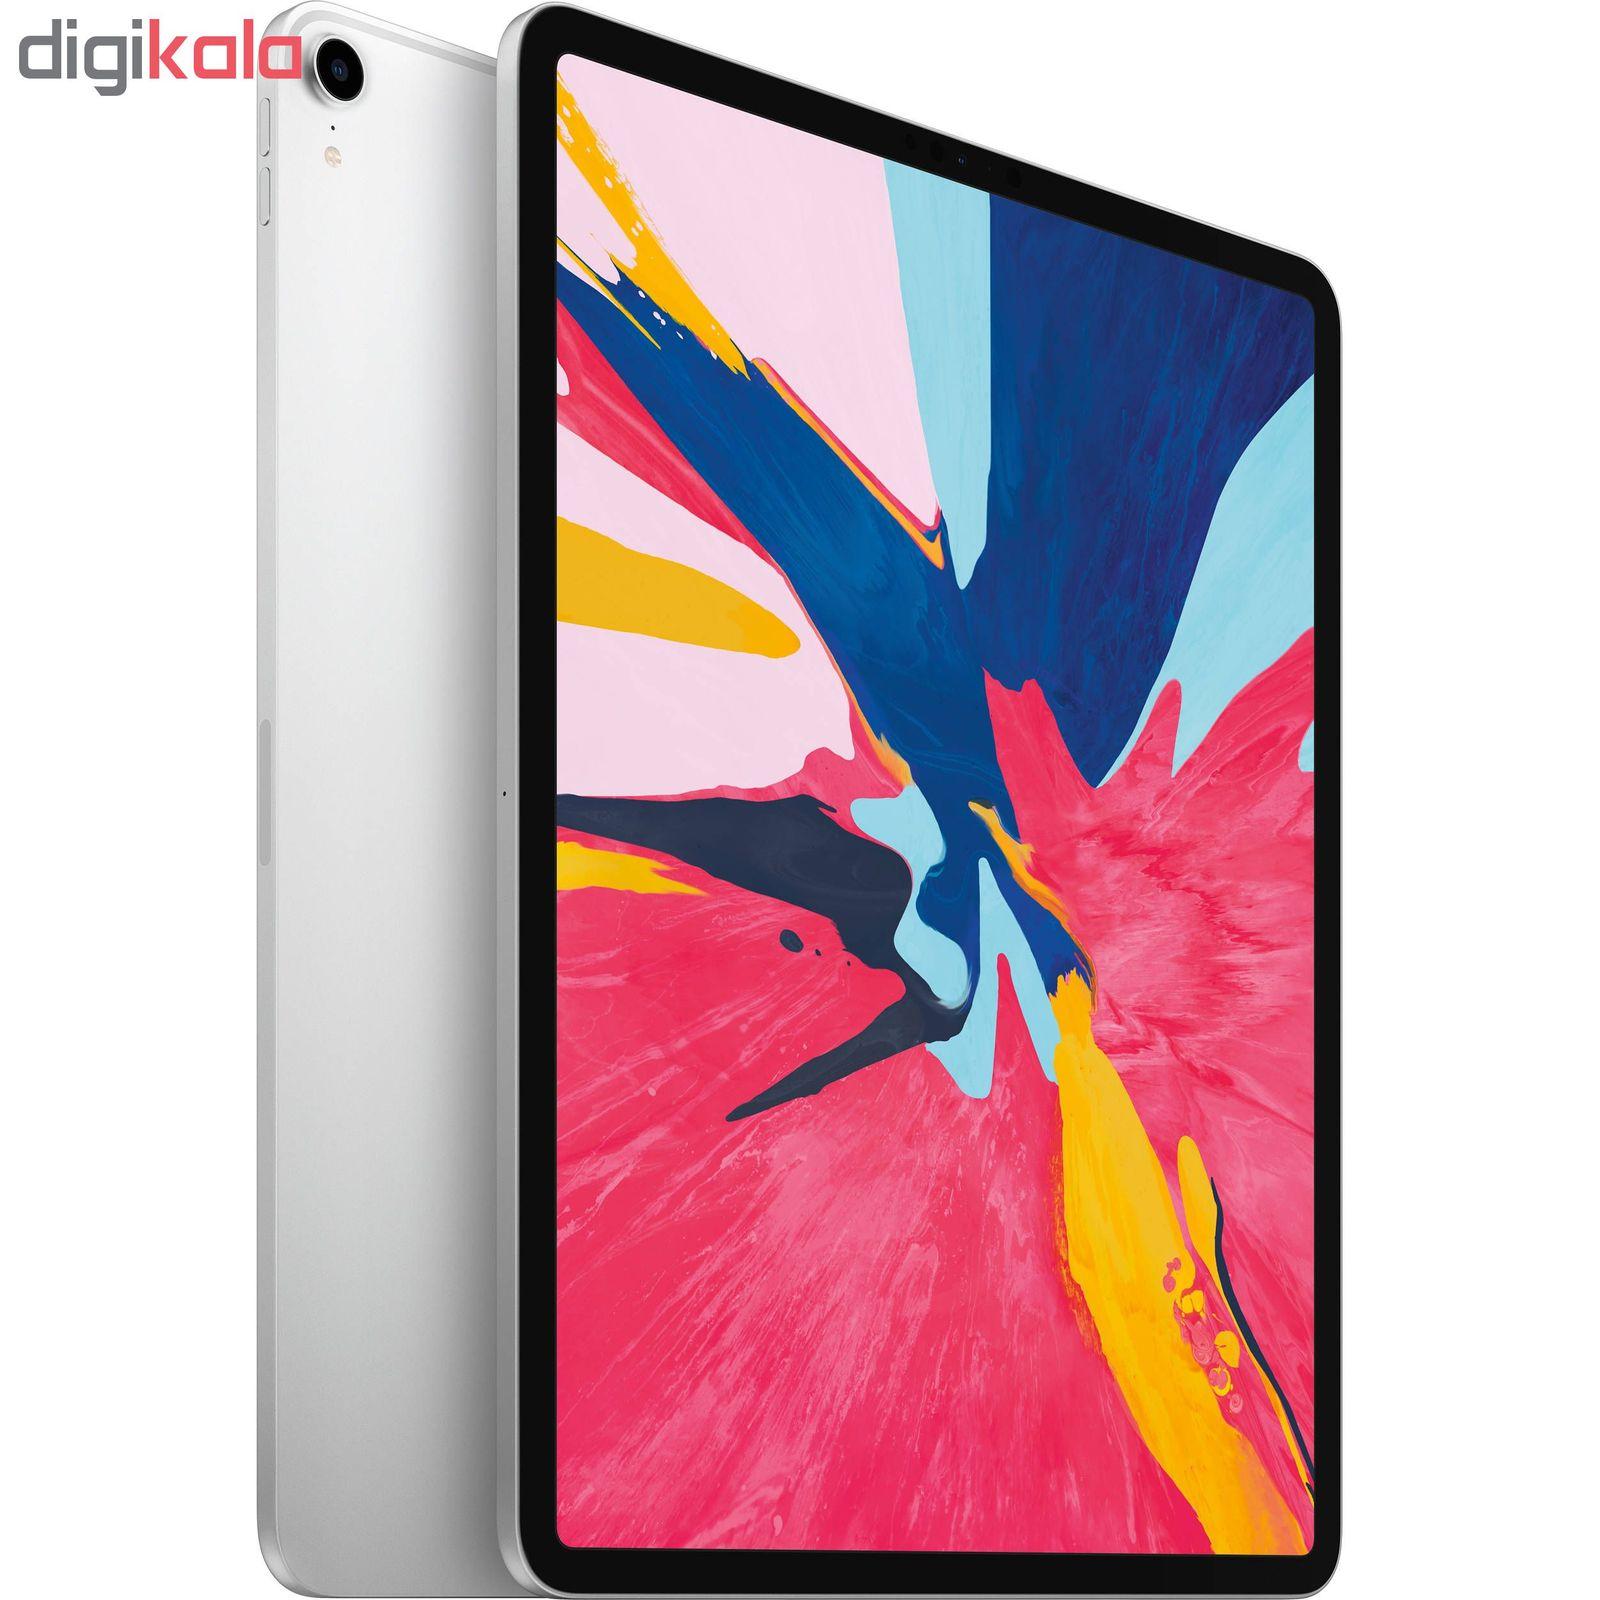 تبلت اپل مدل iPad Pro 2018 12.9 inch 4G ظرفیت 1 ترابایت main 1 1